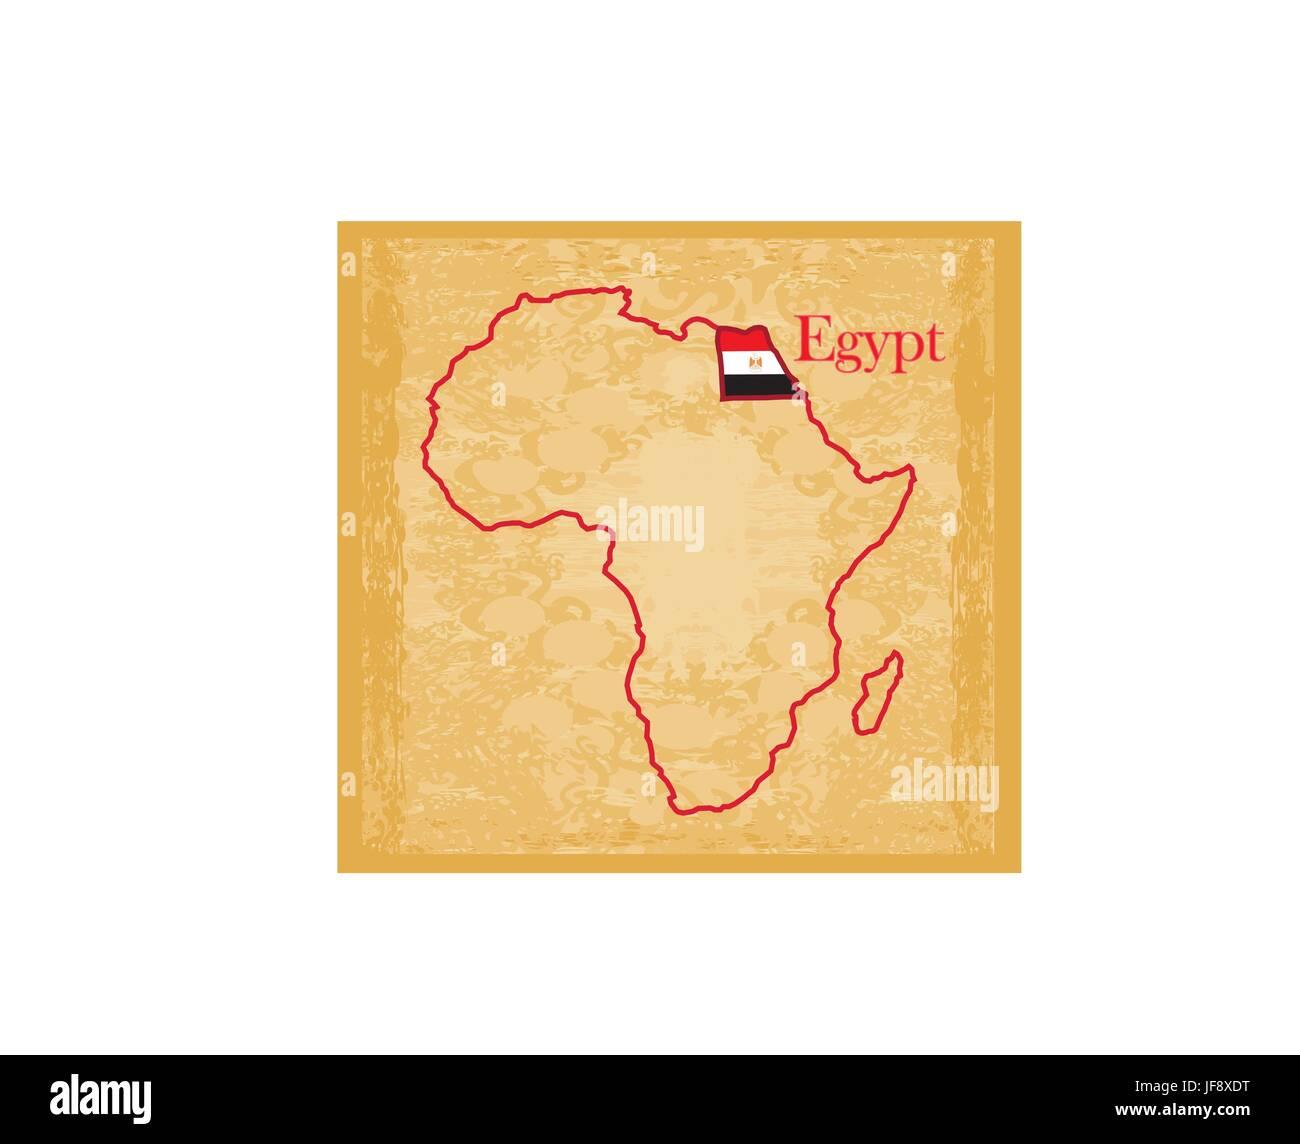 Cartina Africa Egitto.Mappa Politica Dell Africa Immagini E Fotos Stock Alamy